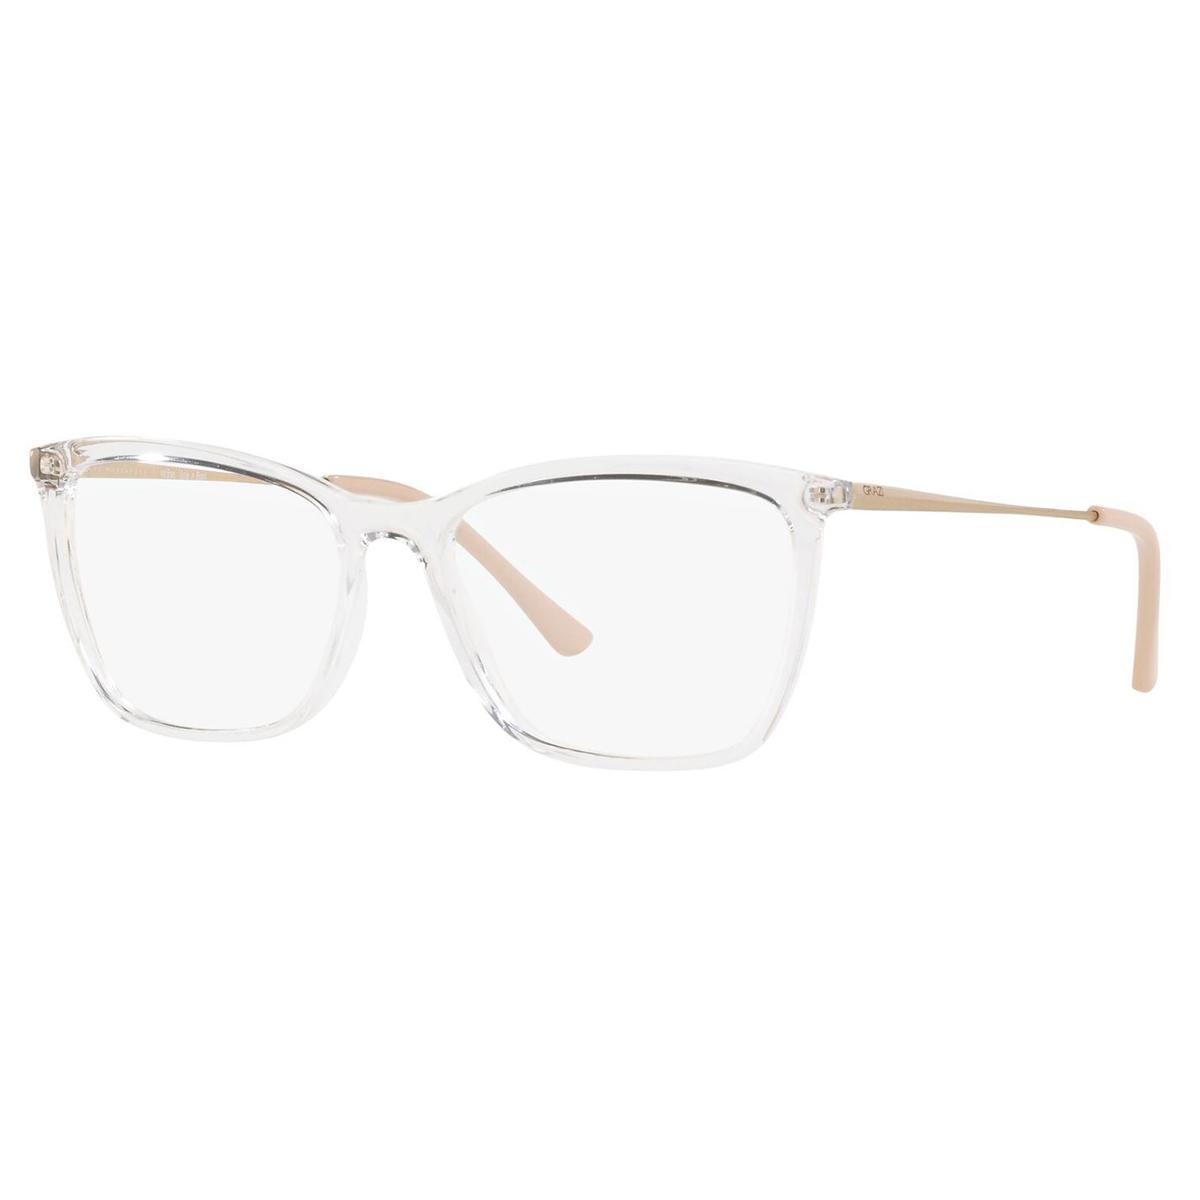 Óculos de Grau Grazi Massafera GZ3087 Transparente Tamanho 54